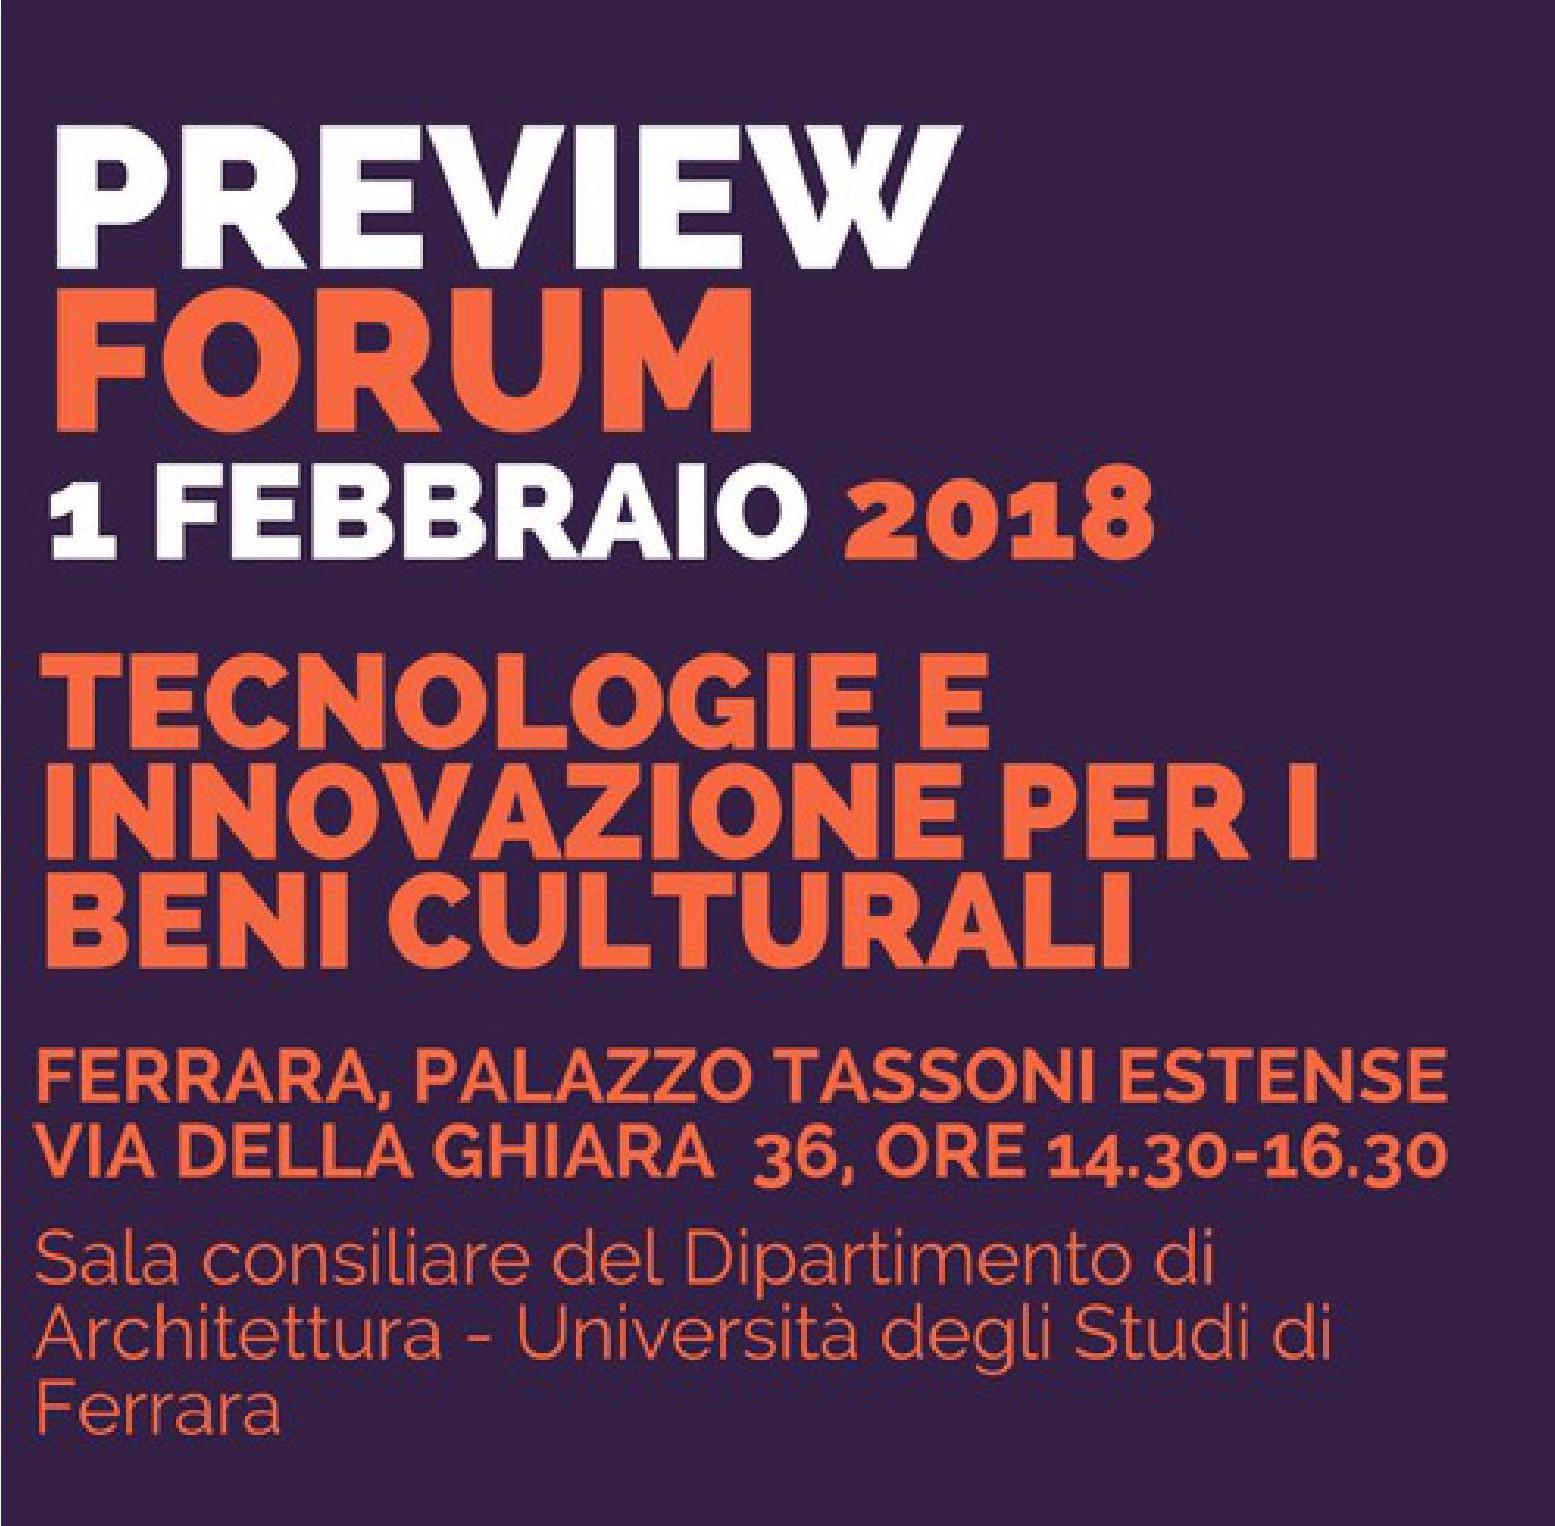 Tecnologie e innovazione per i beni culturali: giovedì 1 febbraio un incontro a Ferrara, nell'ambito delle attività dei ClustER